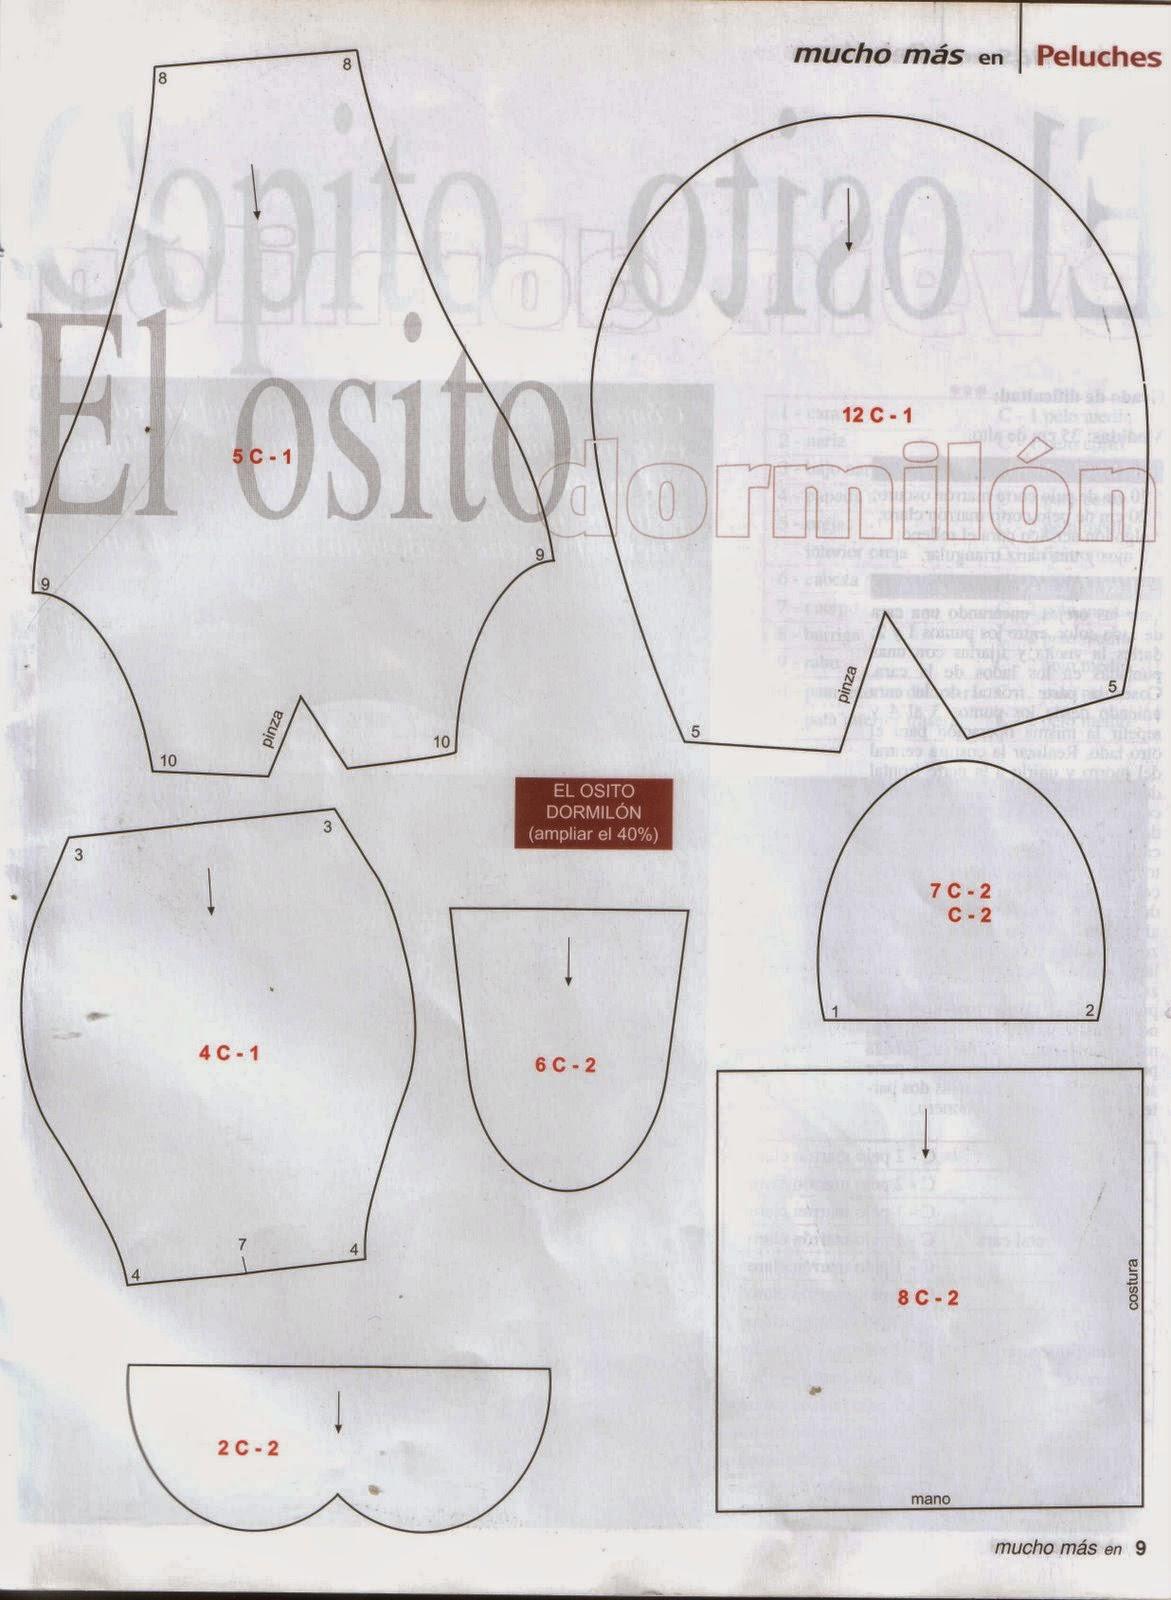 Moldes para hacer peluches - Cursos y tutoriales para manualidades